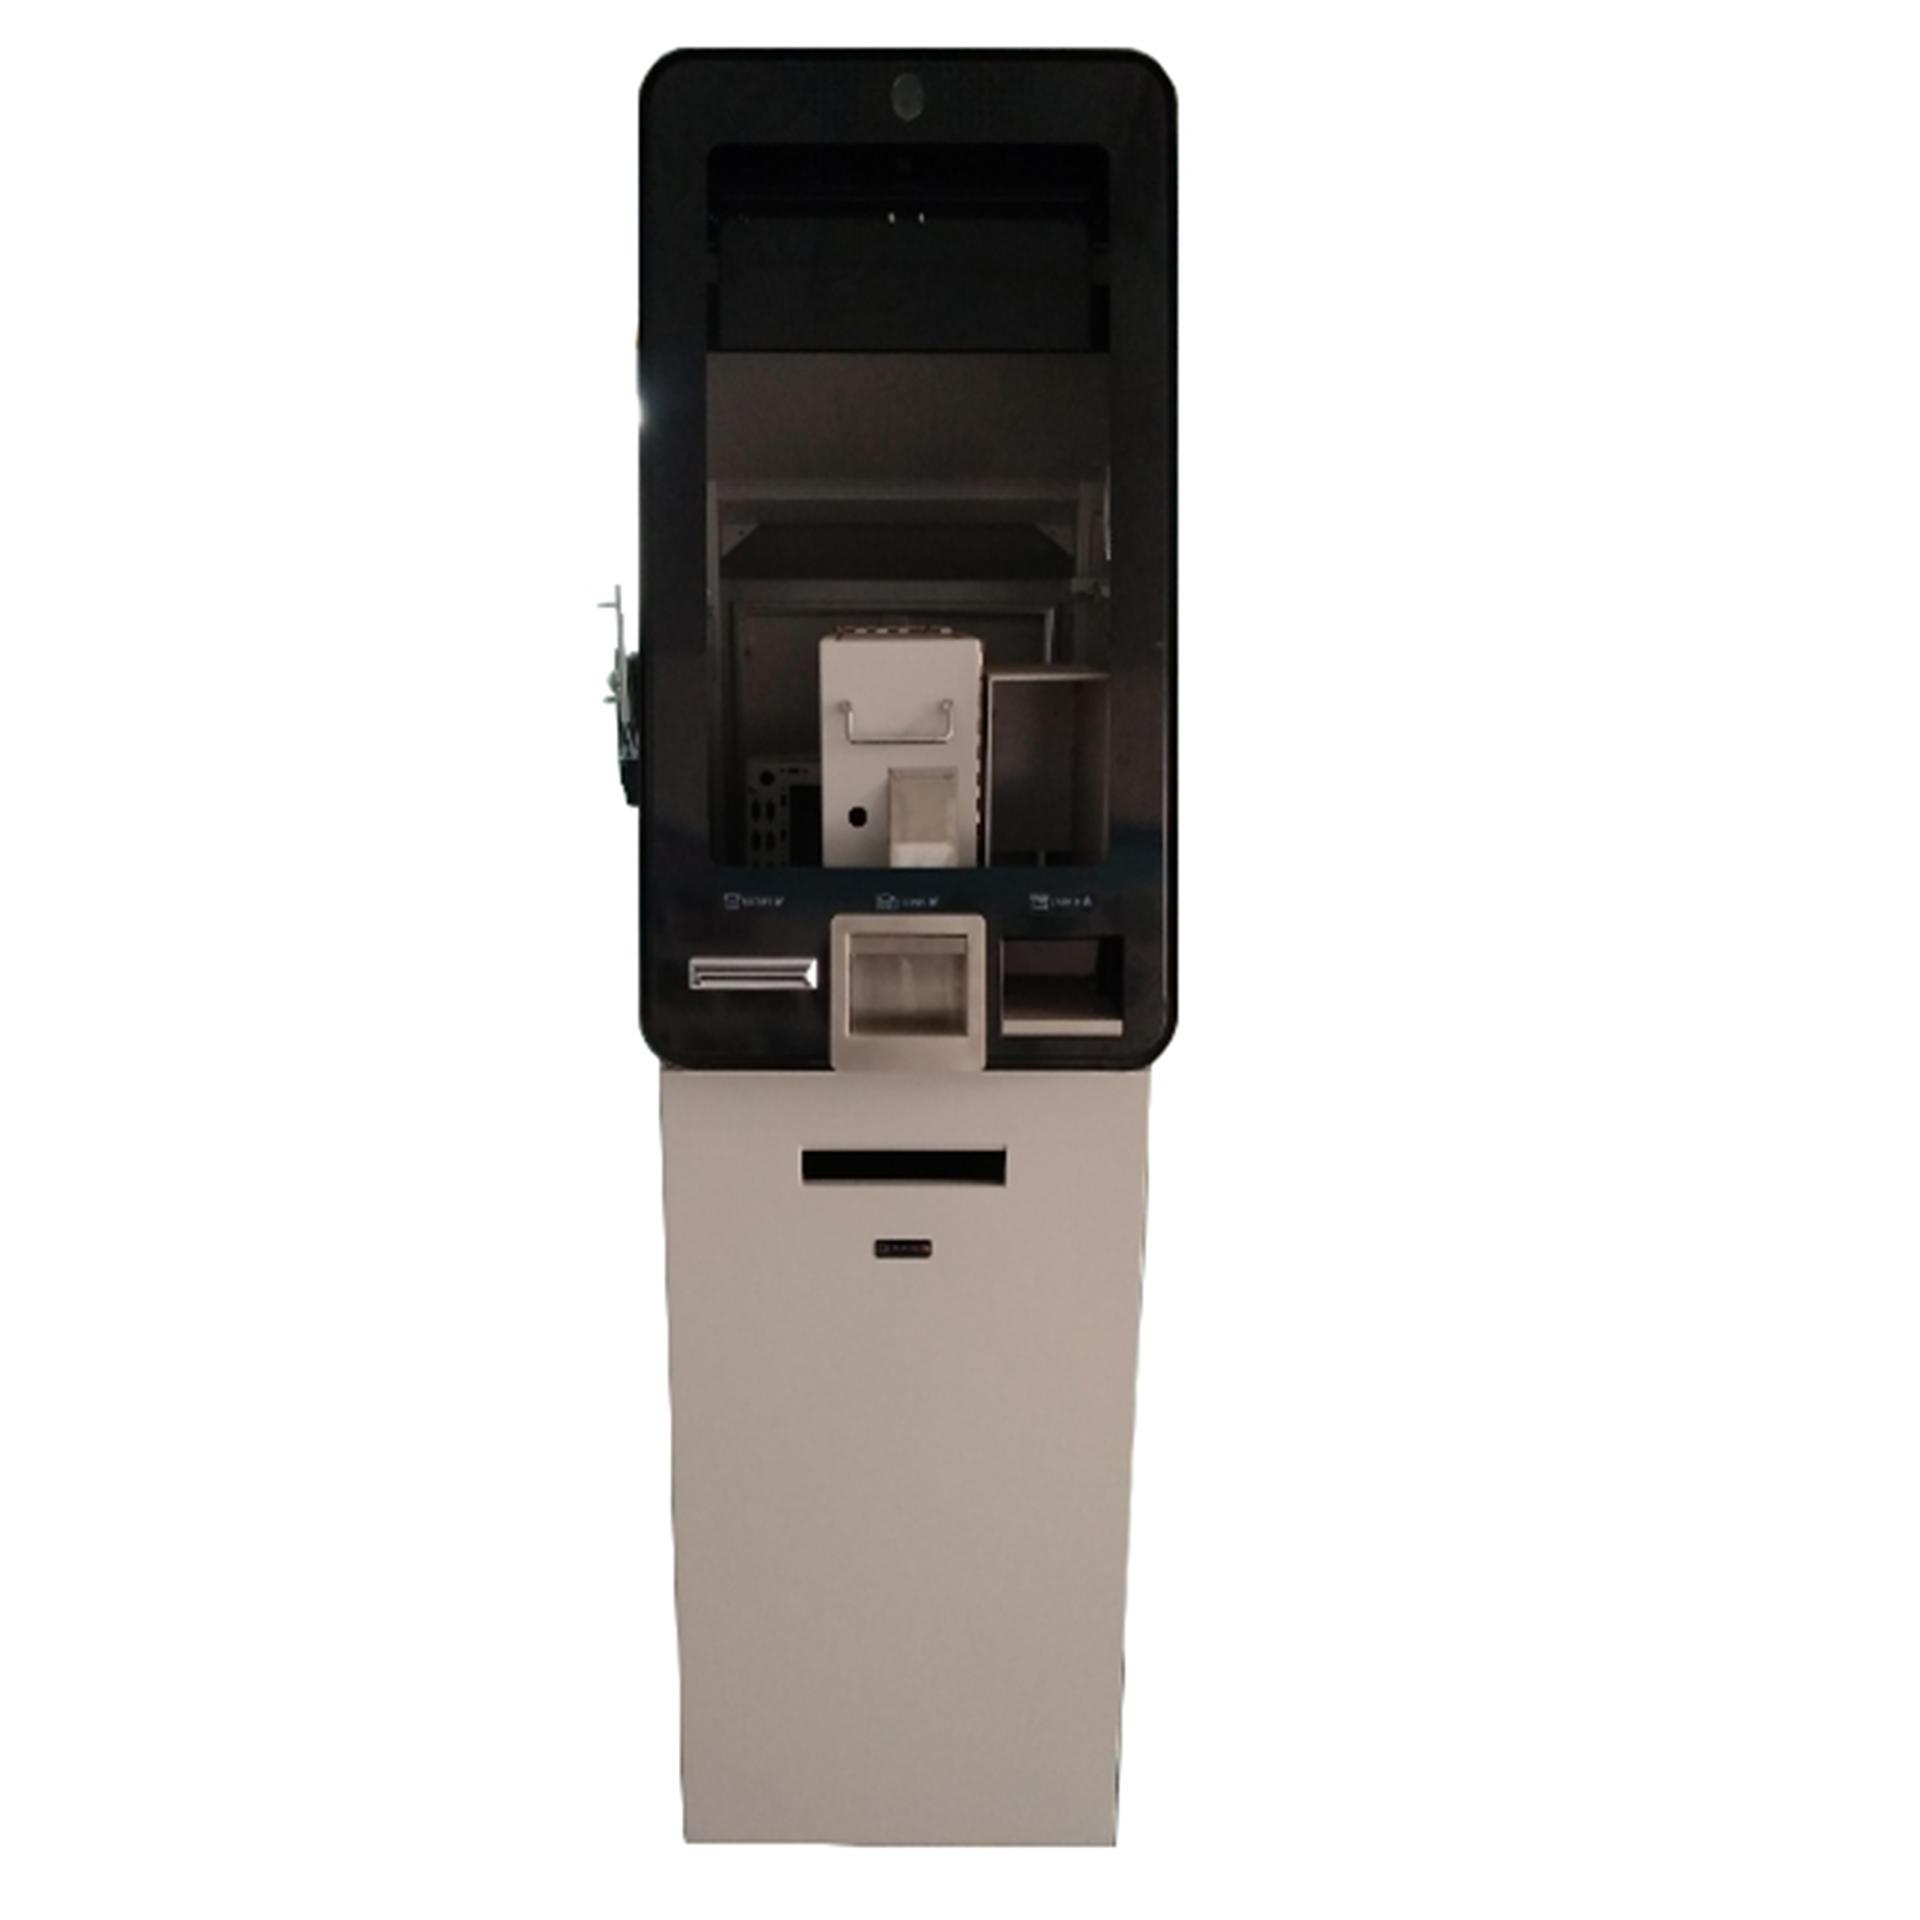 cash deposit self service kiosk